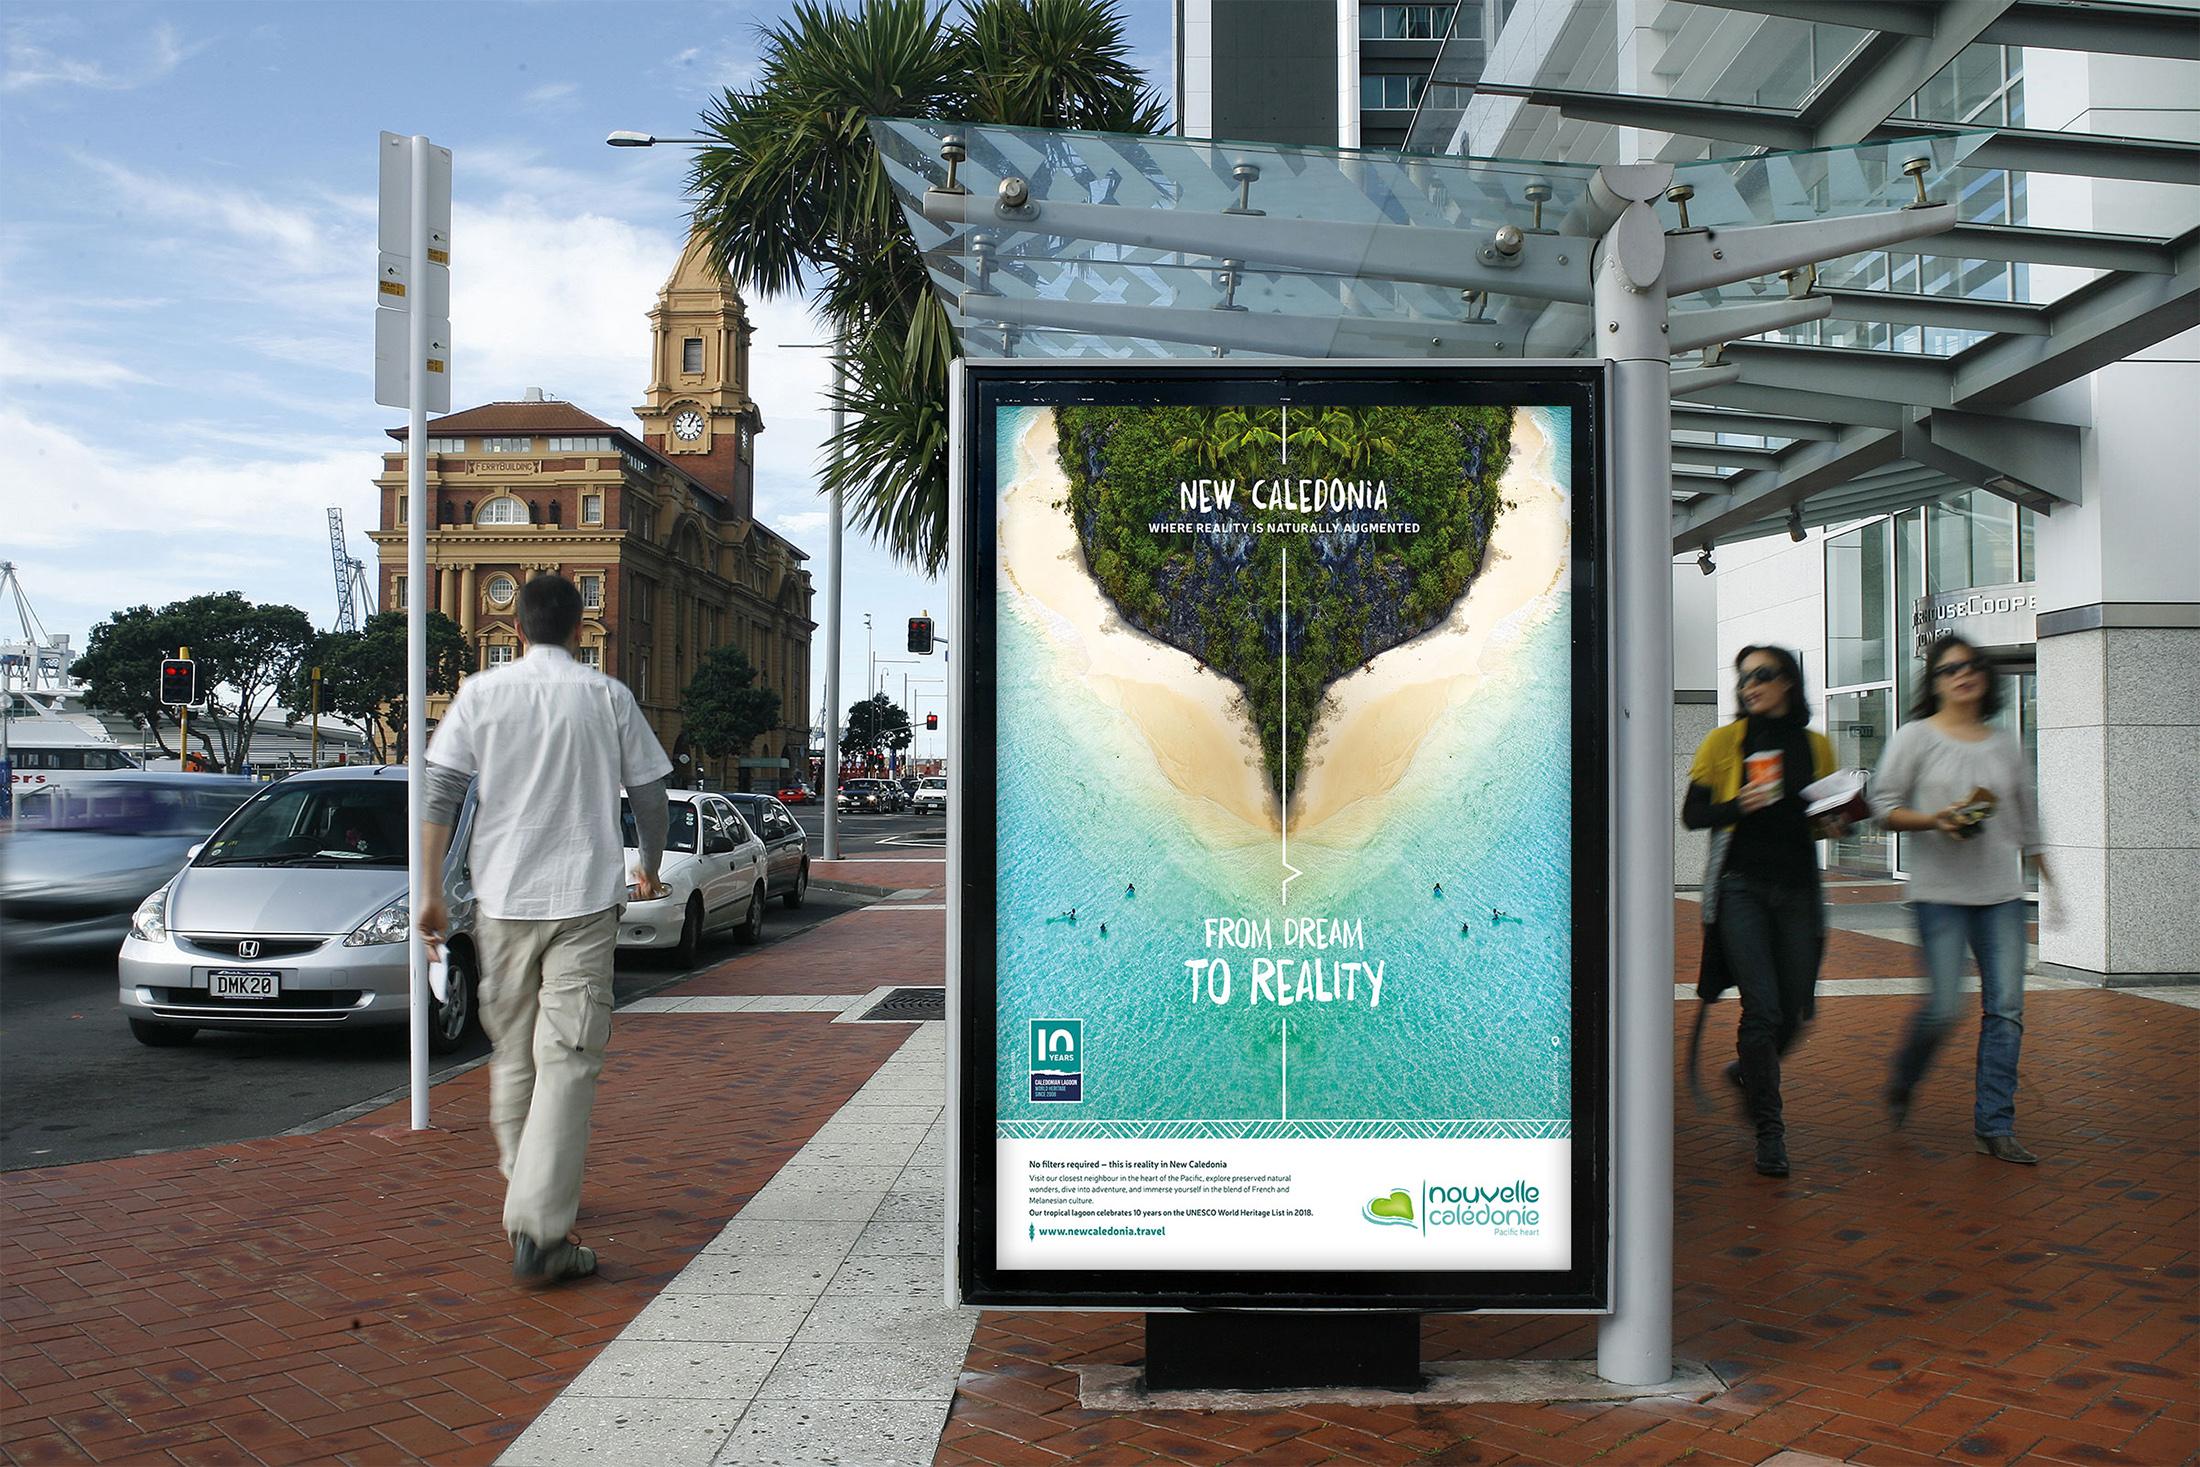 NCTPS-Nouvelle-Caledonie-Campagne-Pub-2018-Nouvelle-Zelande